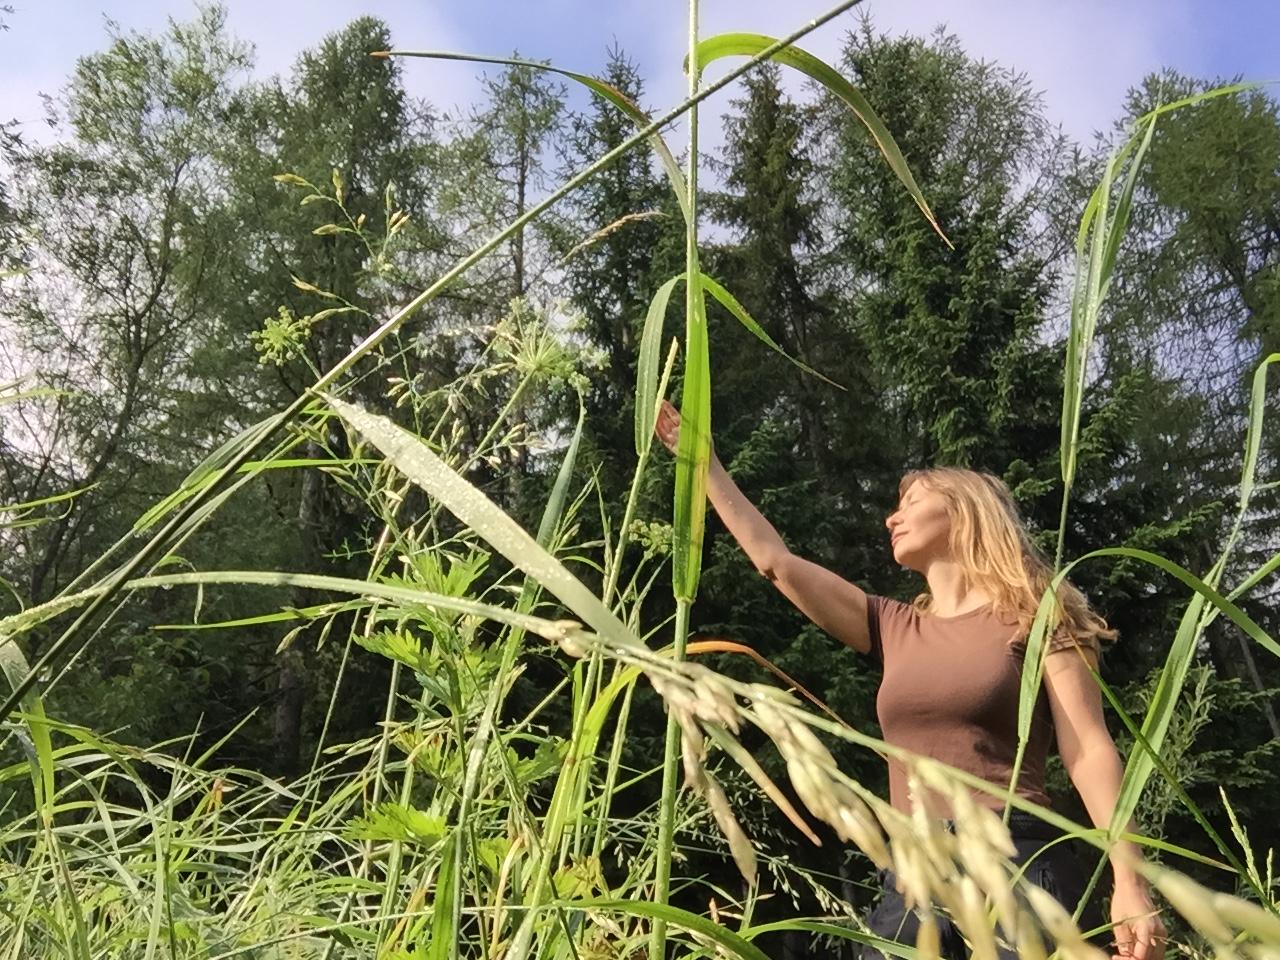 Late summer forest walks – Spätsommerliche Waldspaziergänge